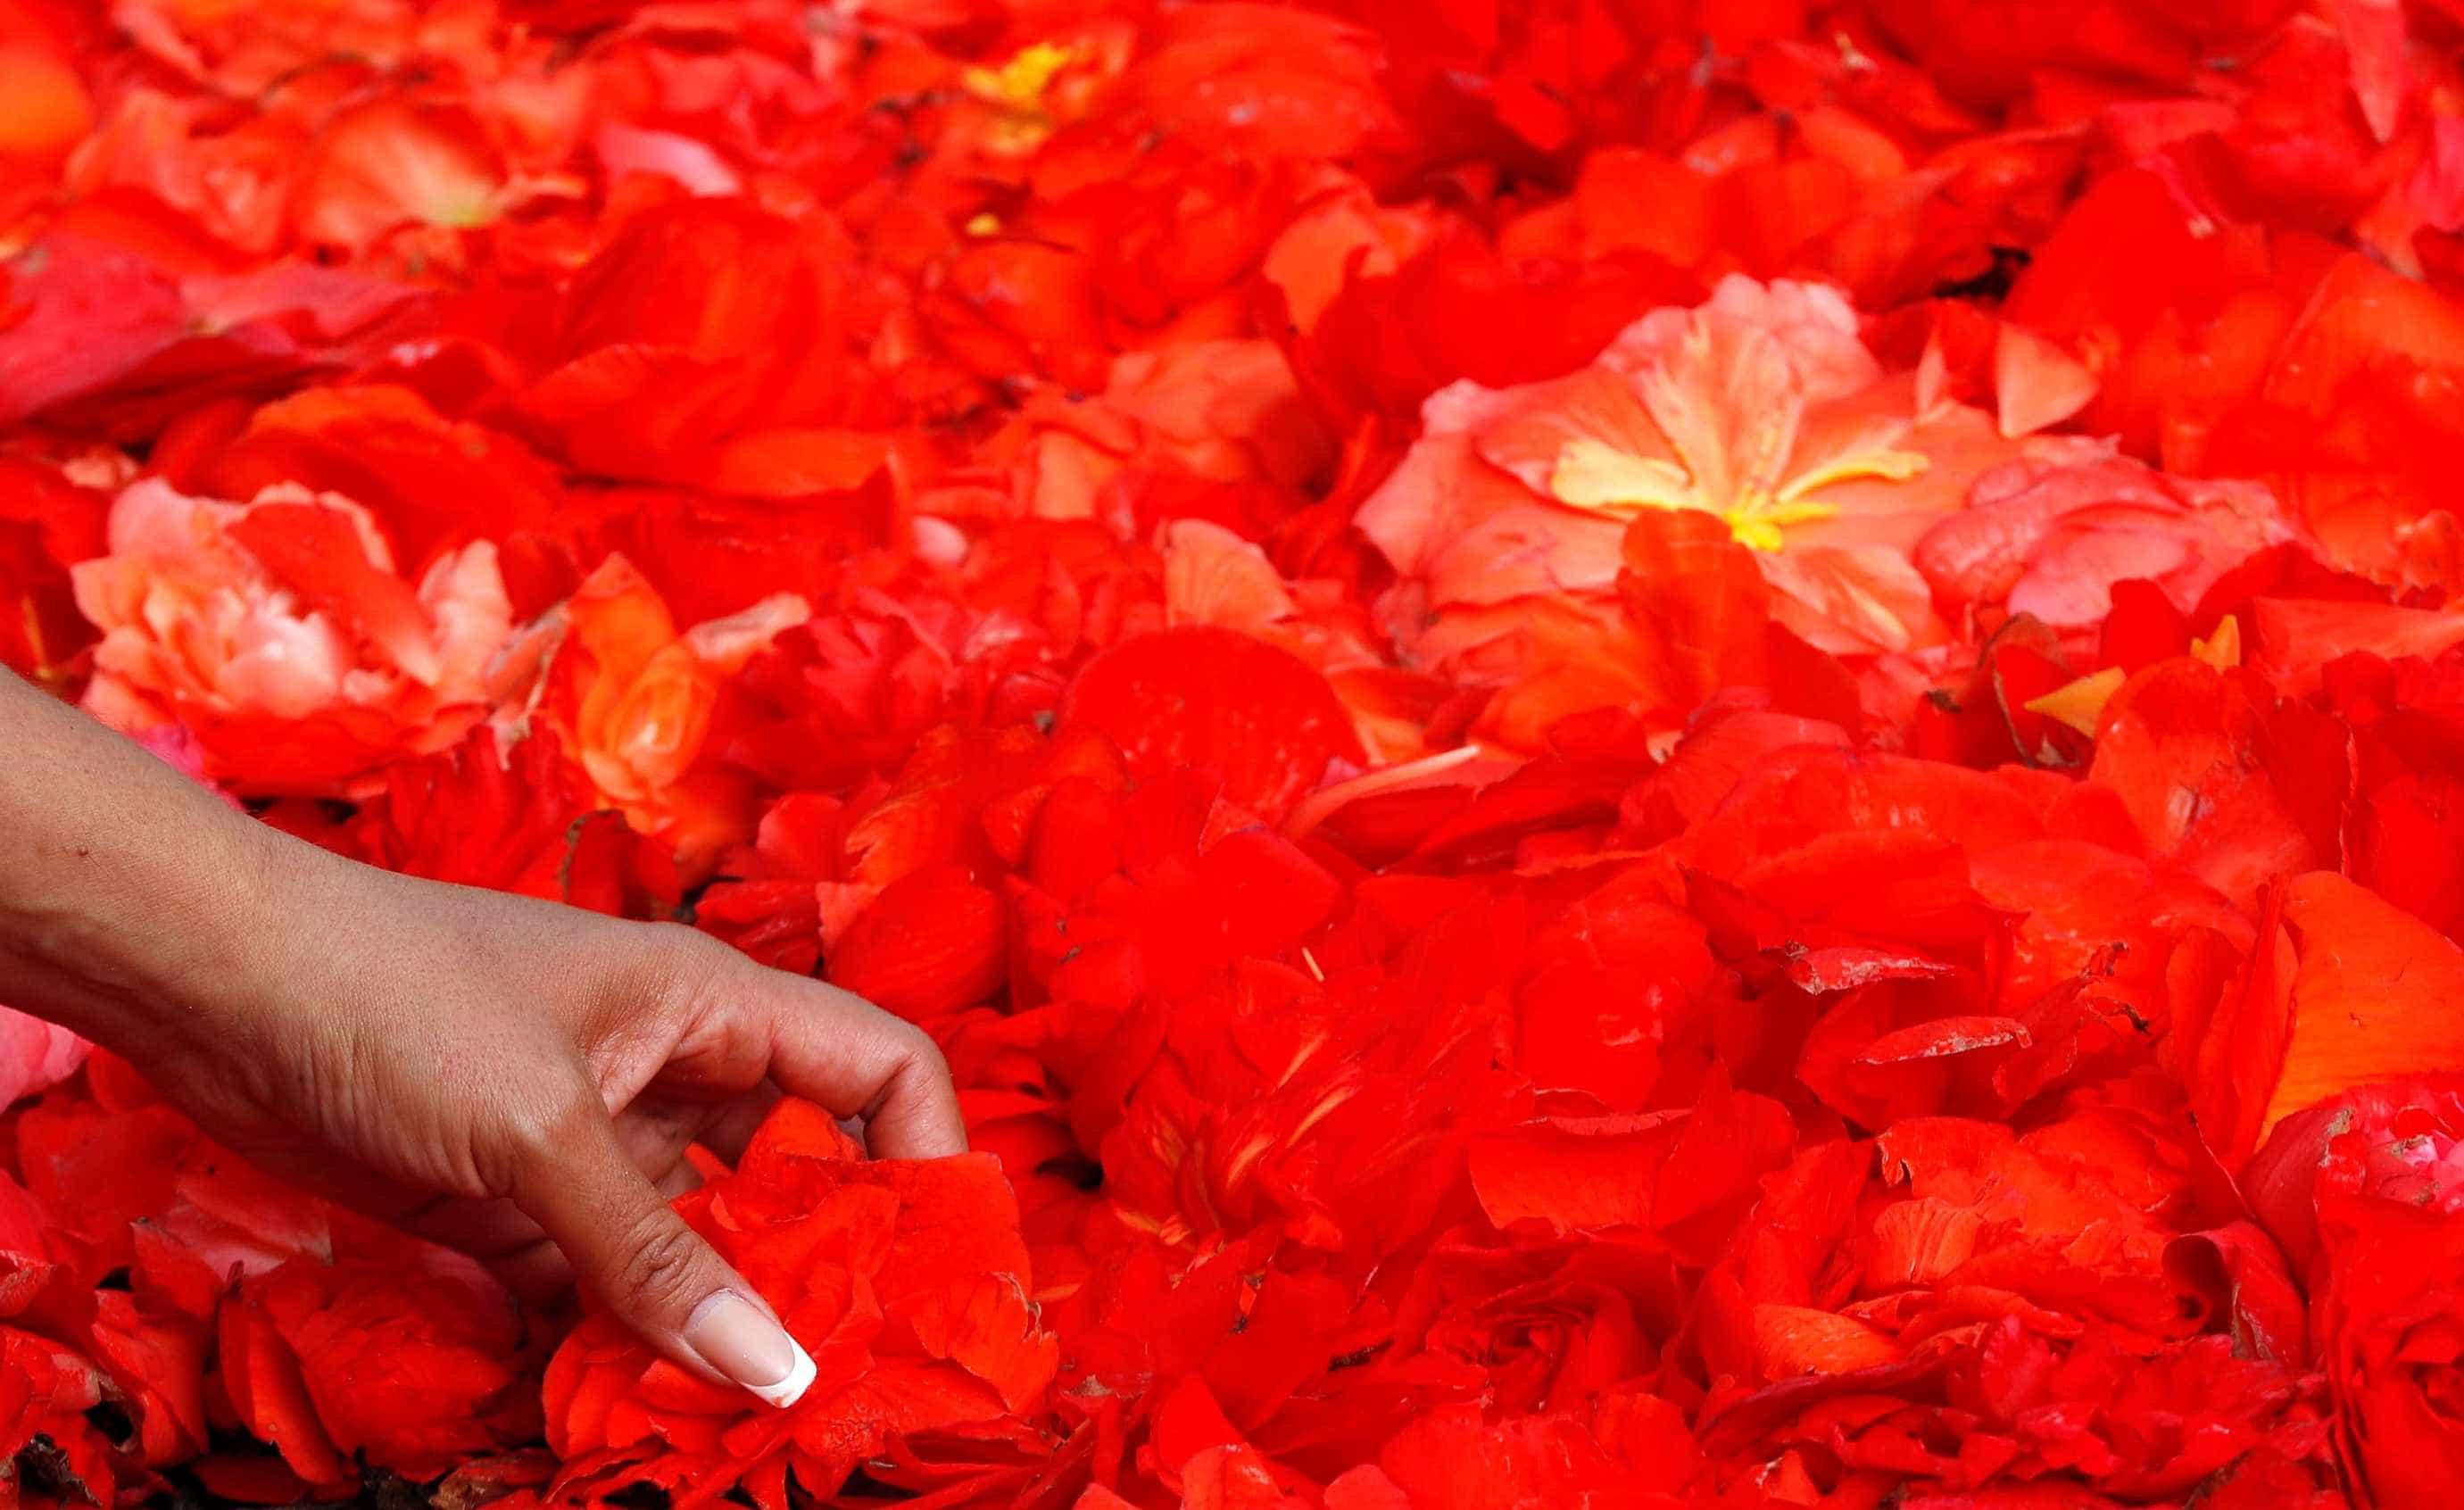 Feito com flores, tapete de 1.800 m² é exposto em Bruxelas; amplie